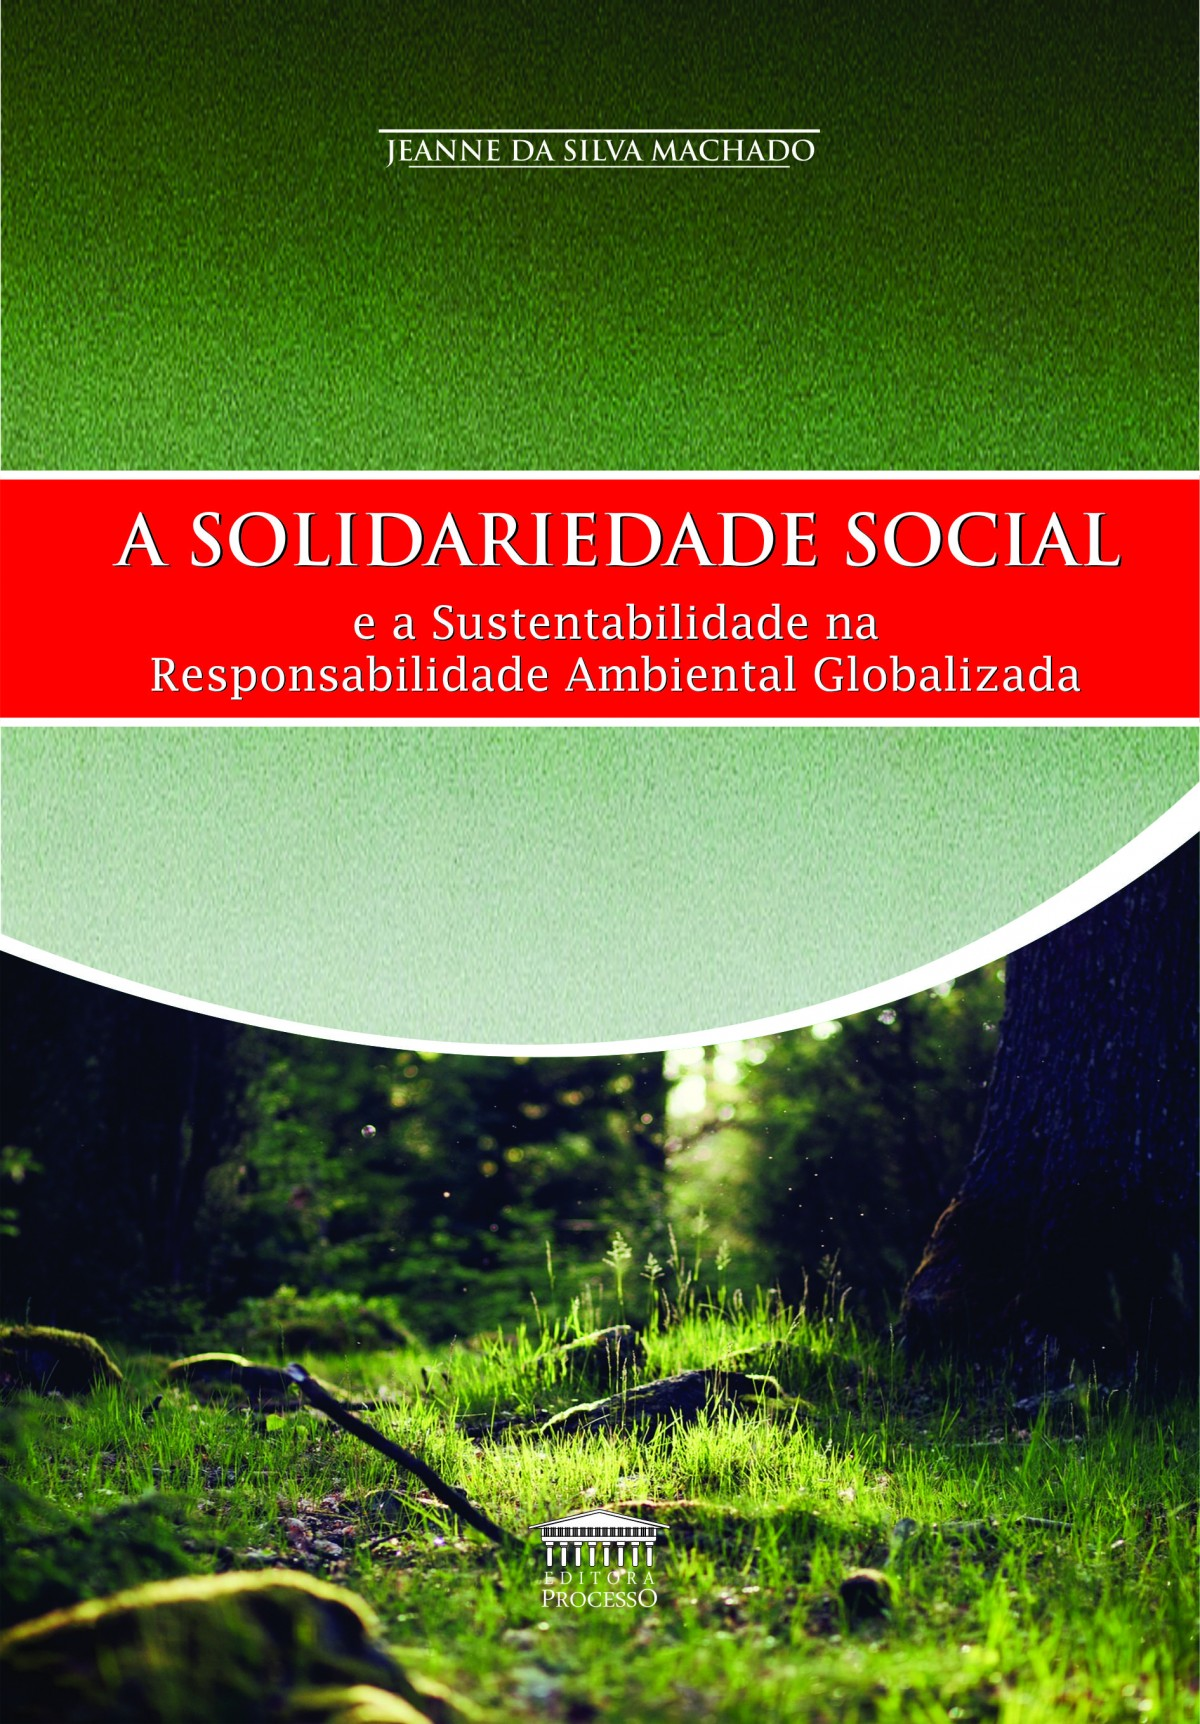 Foto 1 - A Solidariedade Social e a Sustentabilidade na Responsabilidade Ambiental Globalizada